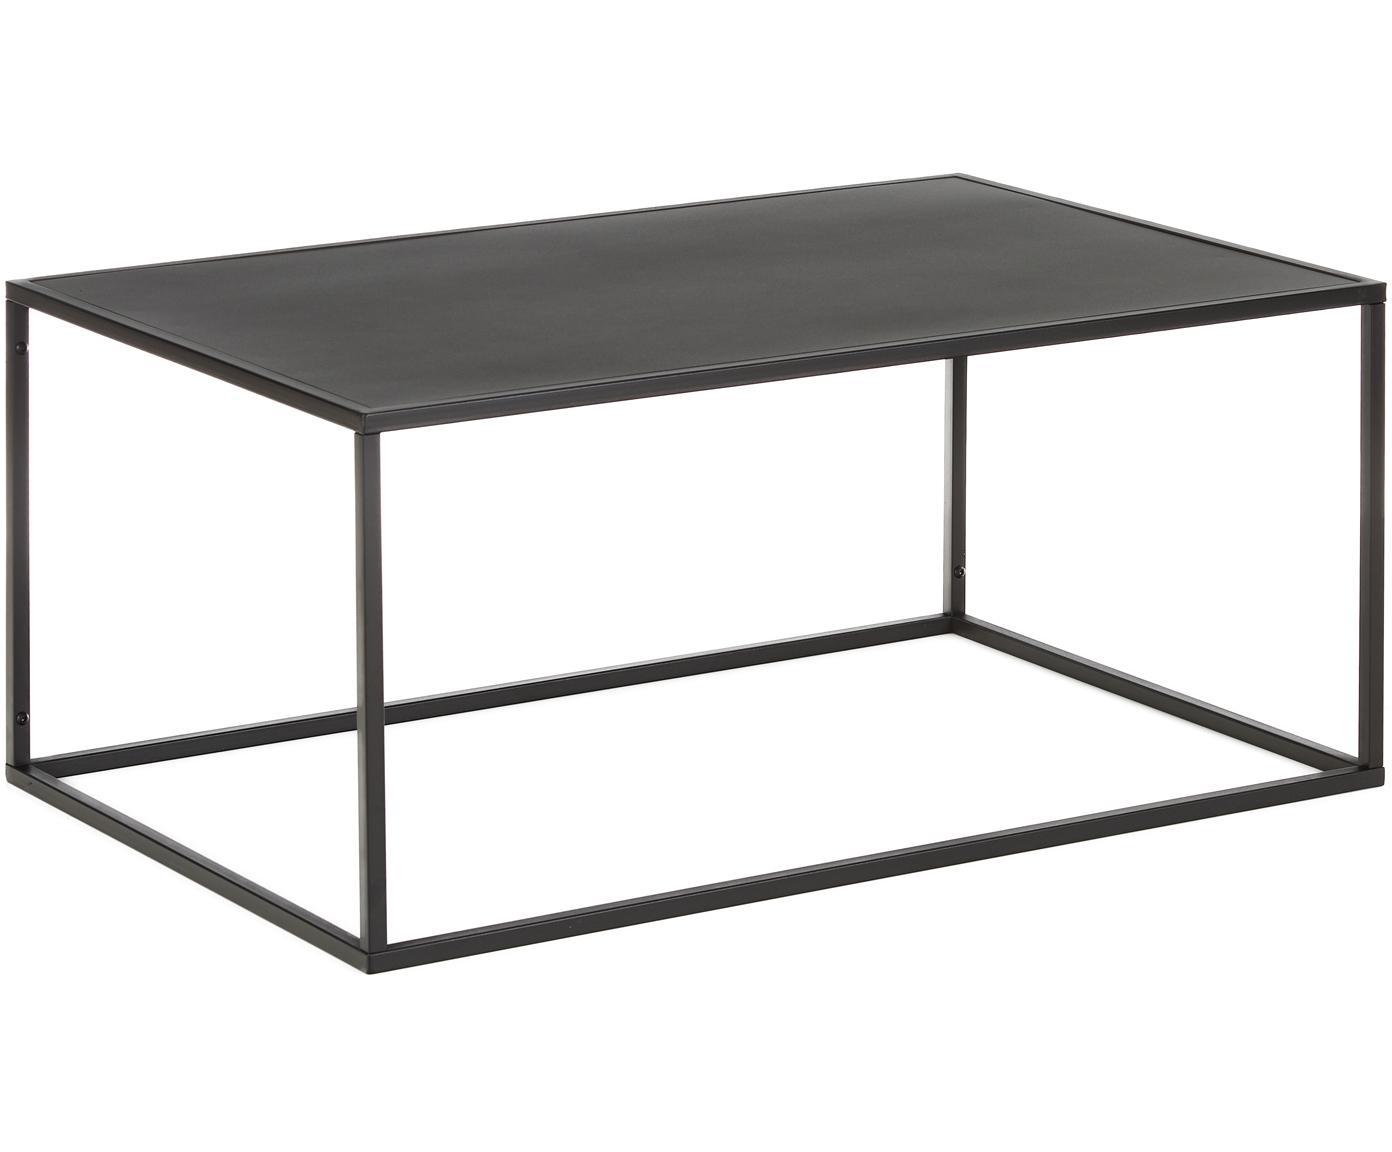 Tavolino da salotto in metallo nero Newton, Metallo verniciato a polvere, Nero, Larg. 90 x Prof. 60 cm